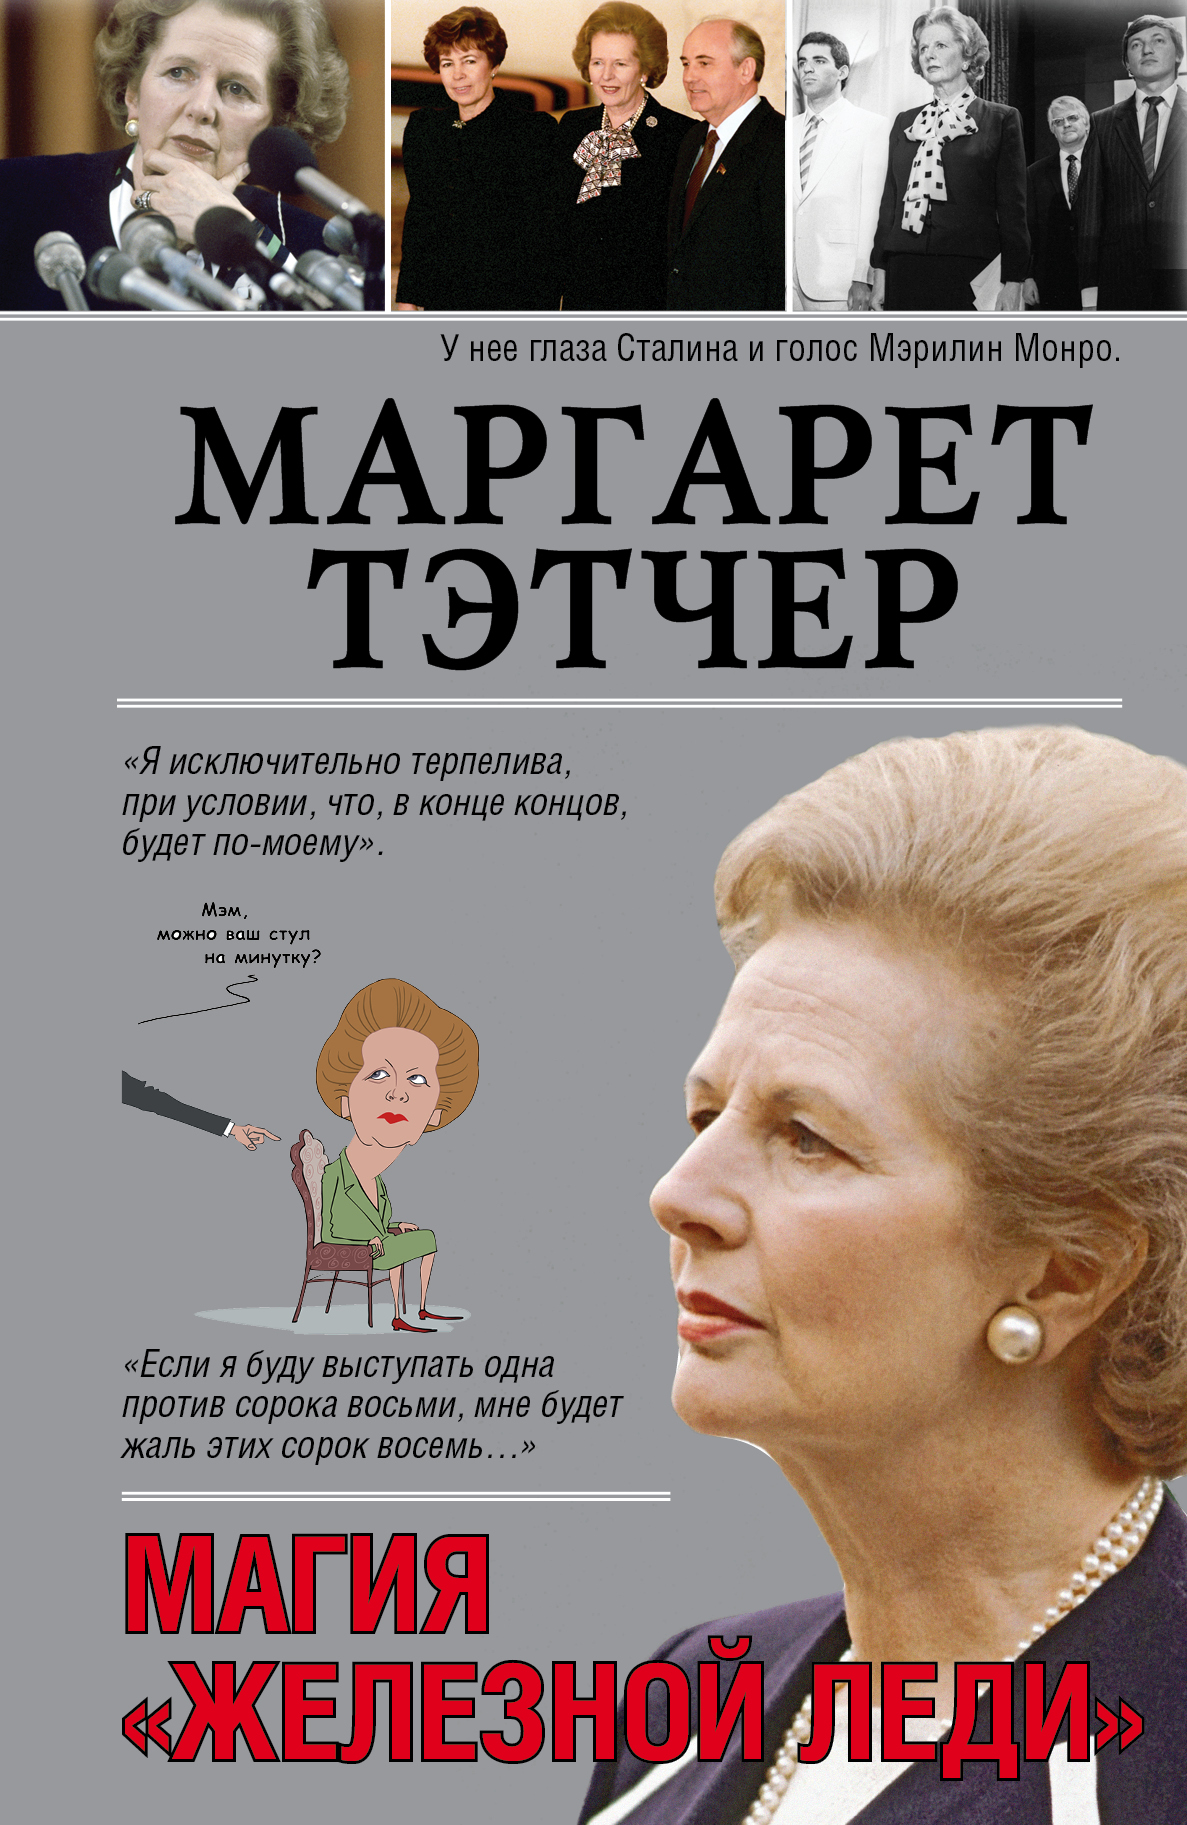 Мишаненкова Е. Маргарет Тэтчер мишаненкова е а мерилин монро